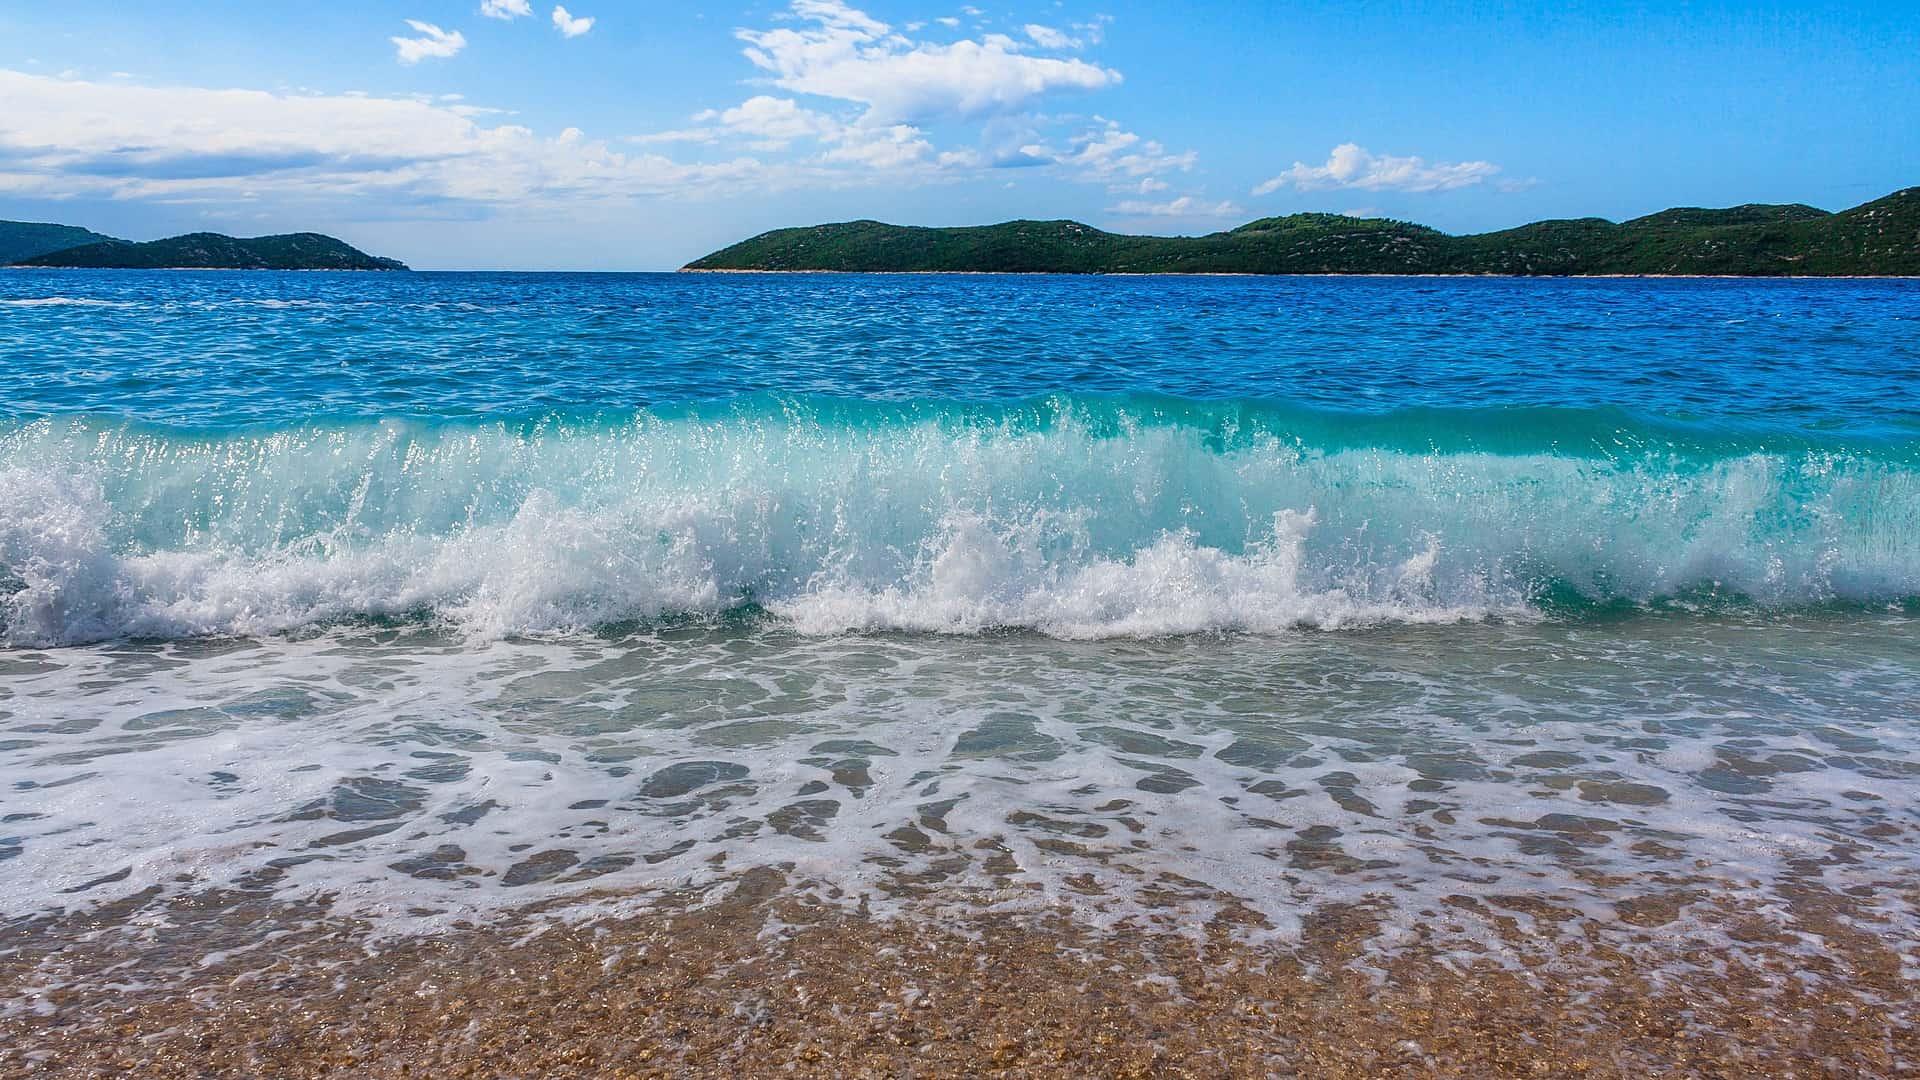 Kroatien Urlaub ab 151,00€ - eine Woche Adria Deals